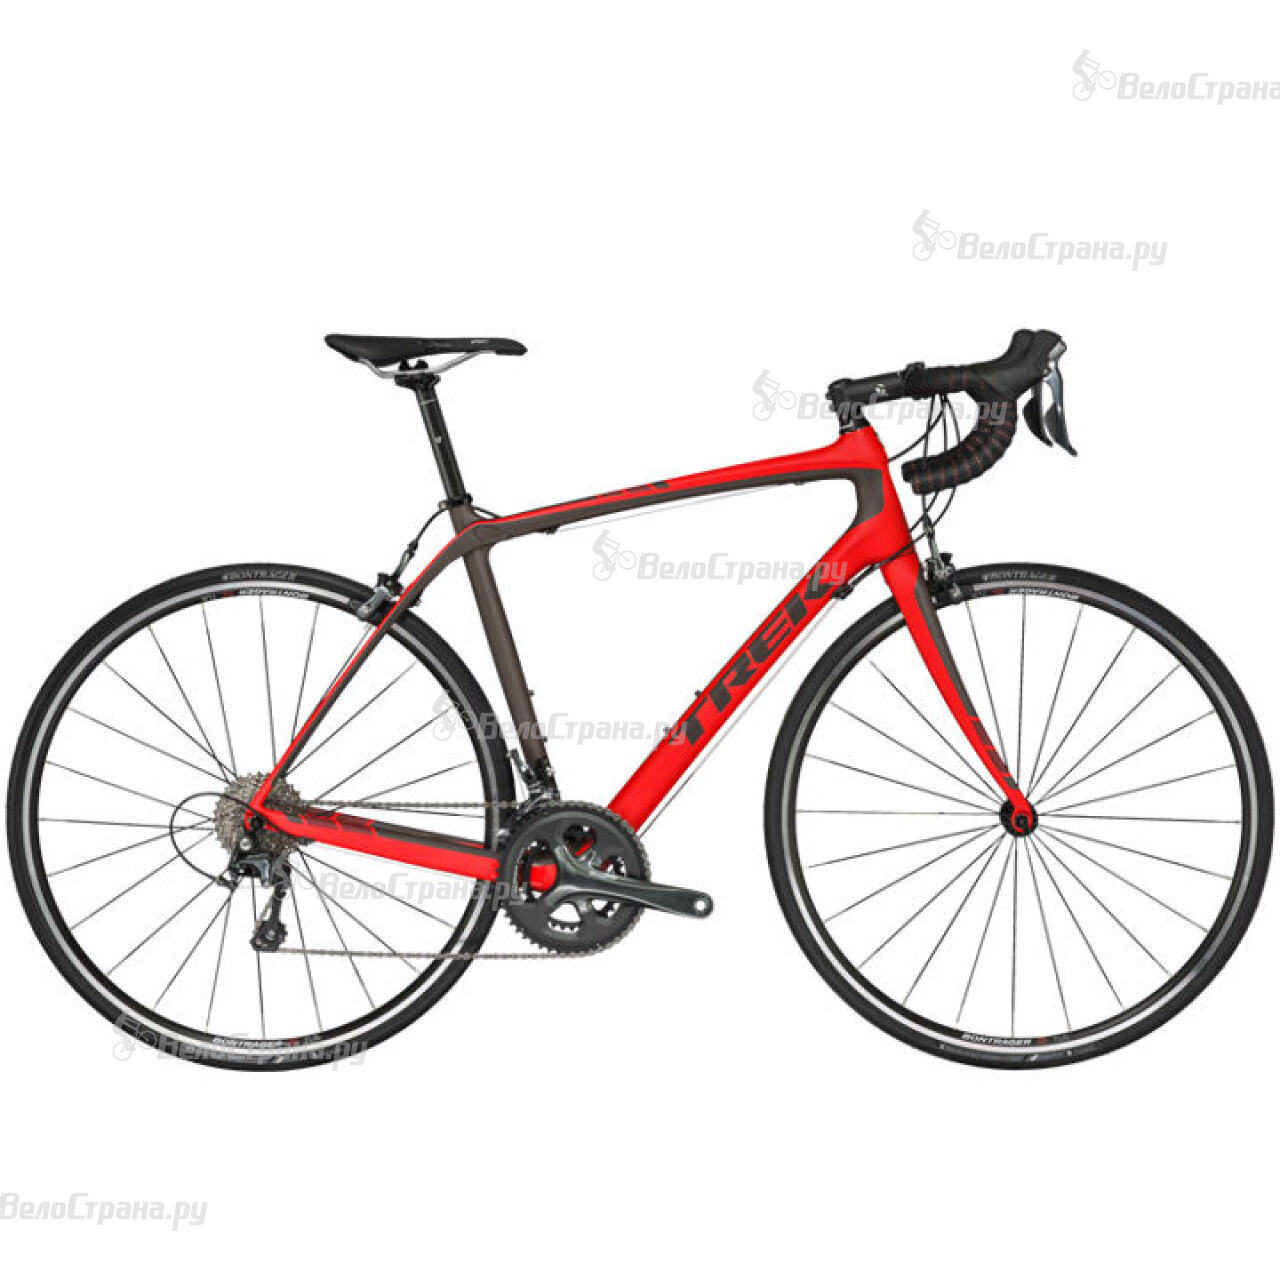 Велосипед Trek Domane S 4 (2017)